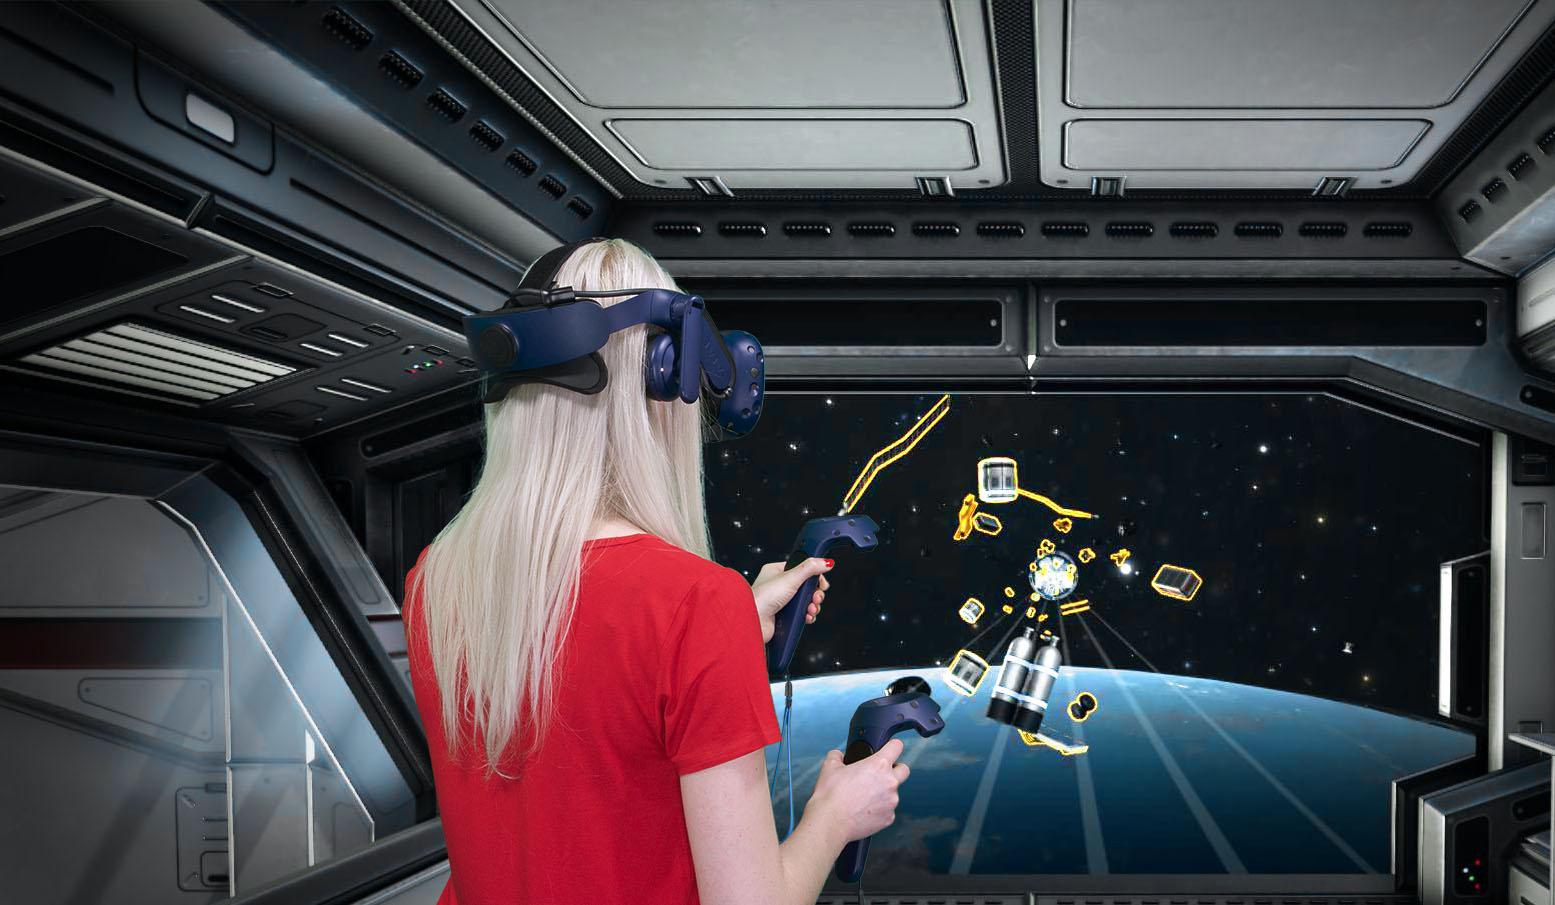 tecmotion - Neues Corporate Game mit VR-Brille; SpaceBoard - Spielausschnitt 1